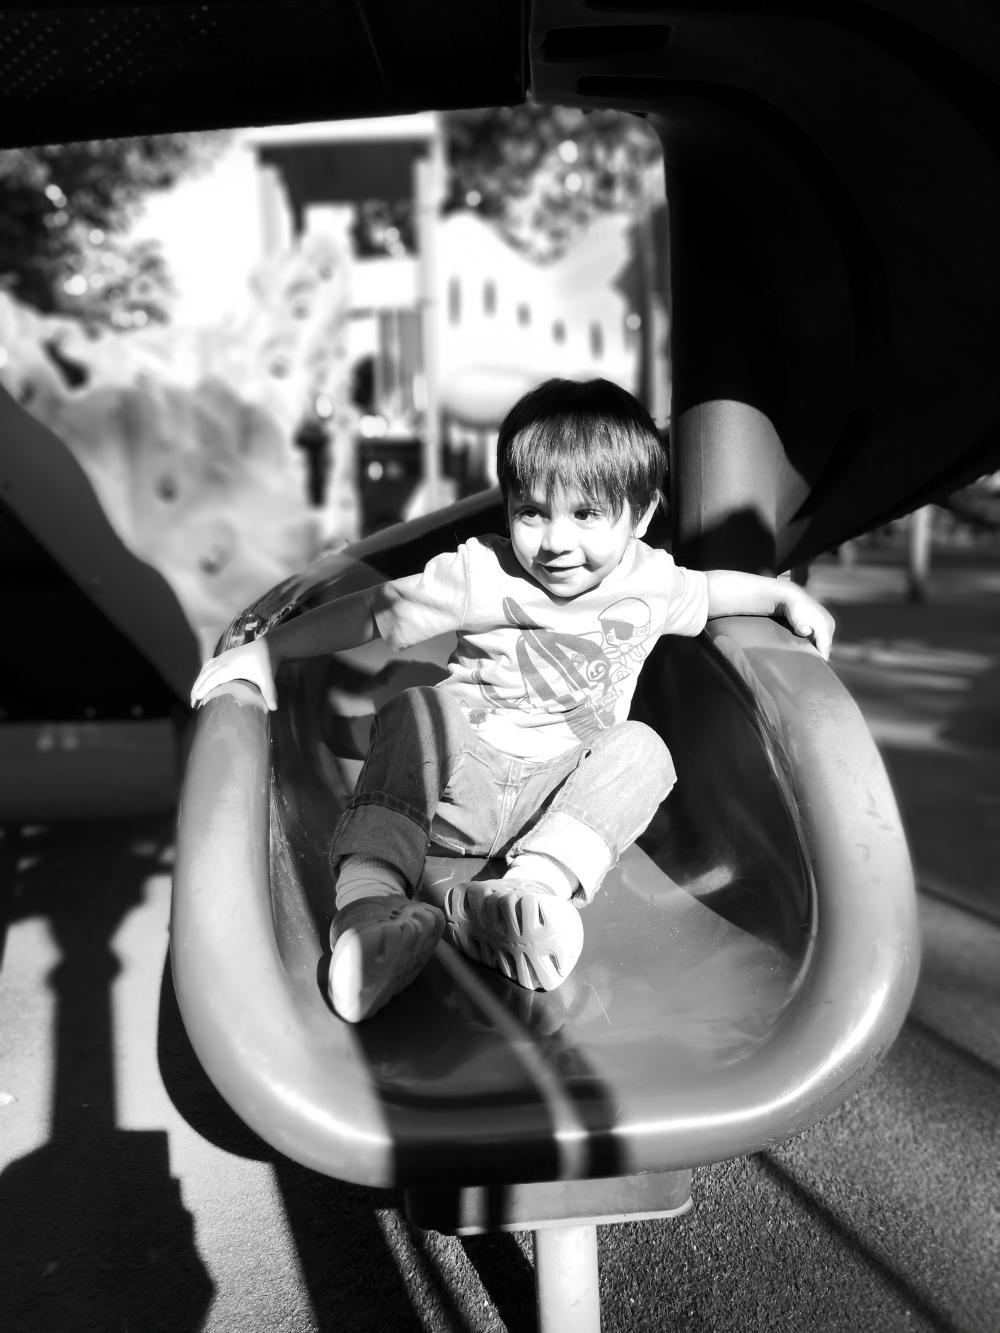 Foto con el lente monocromático, los contrastes son muy buenos.